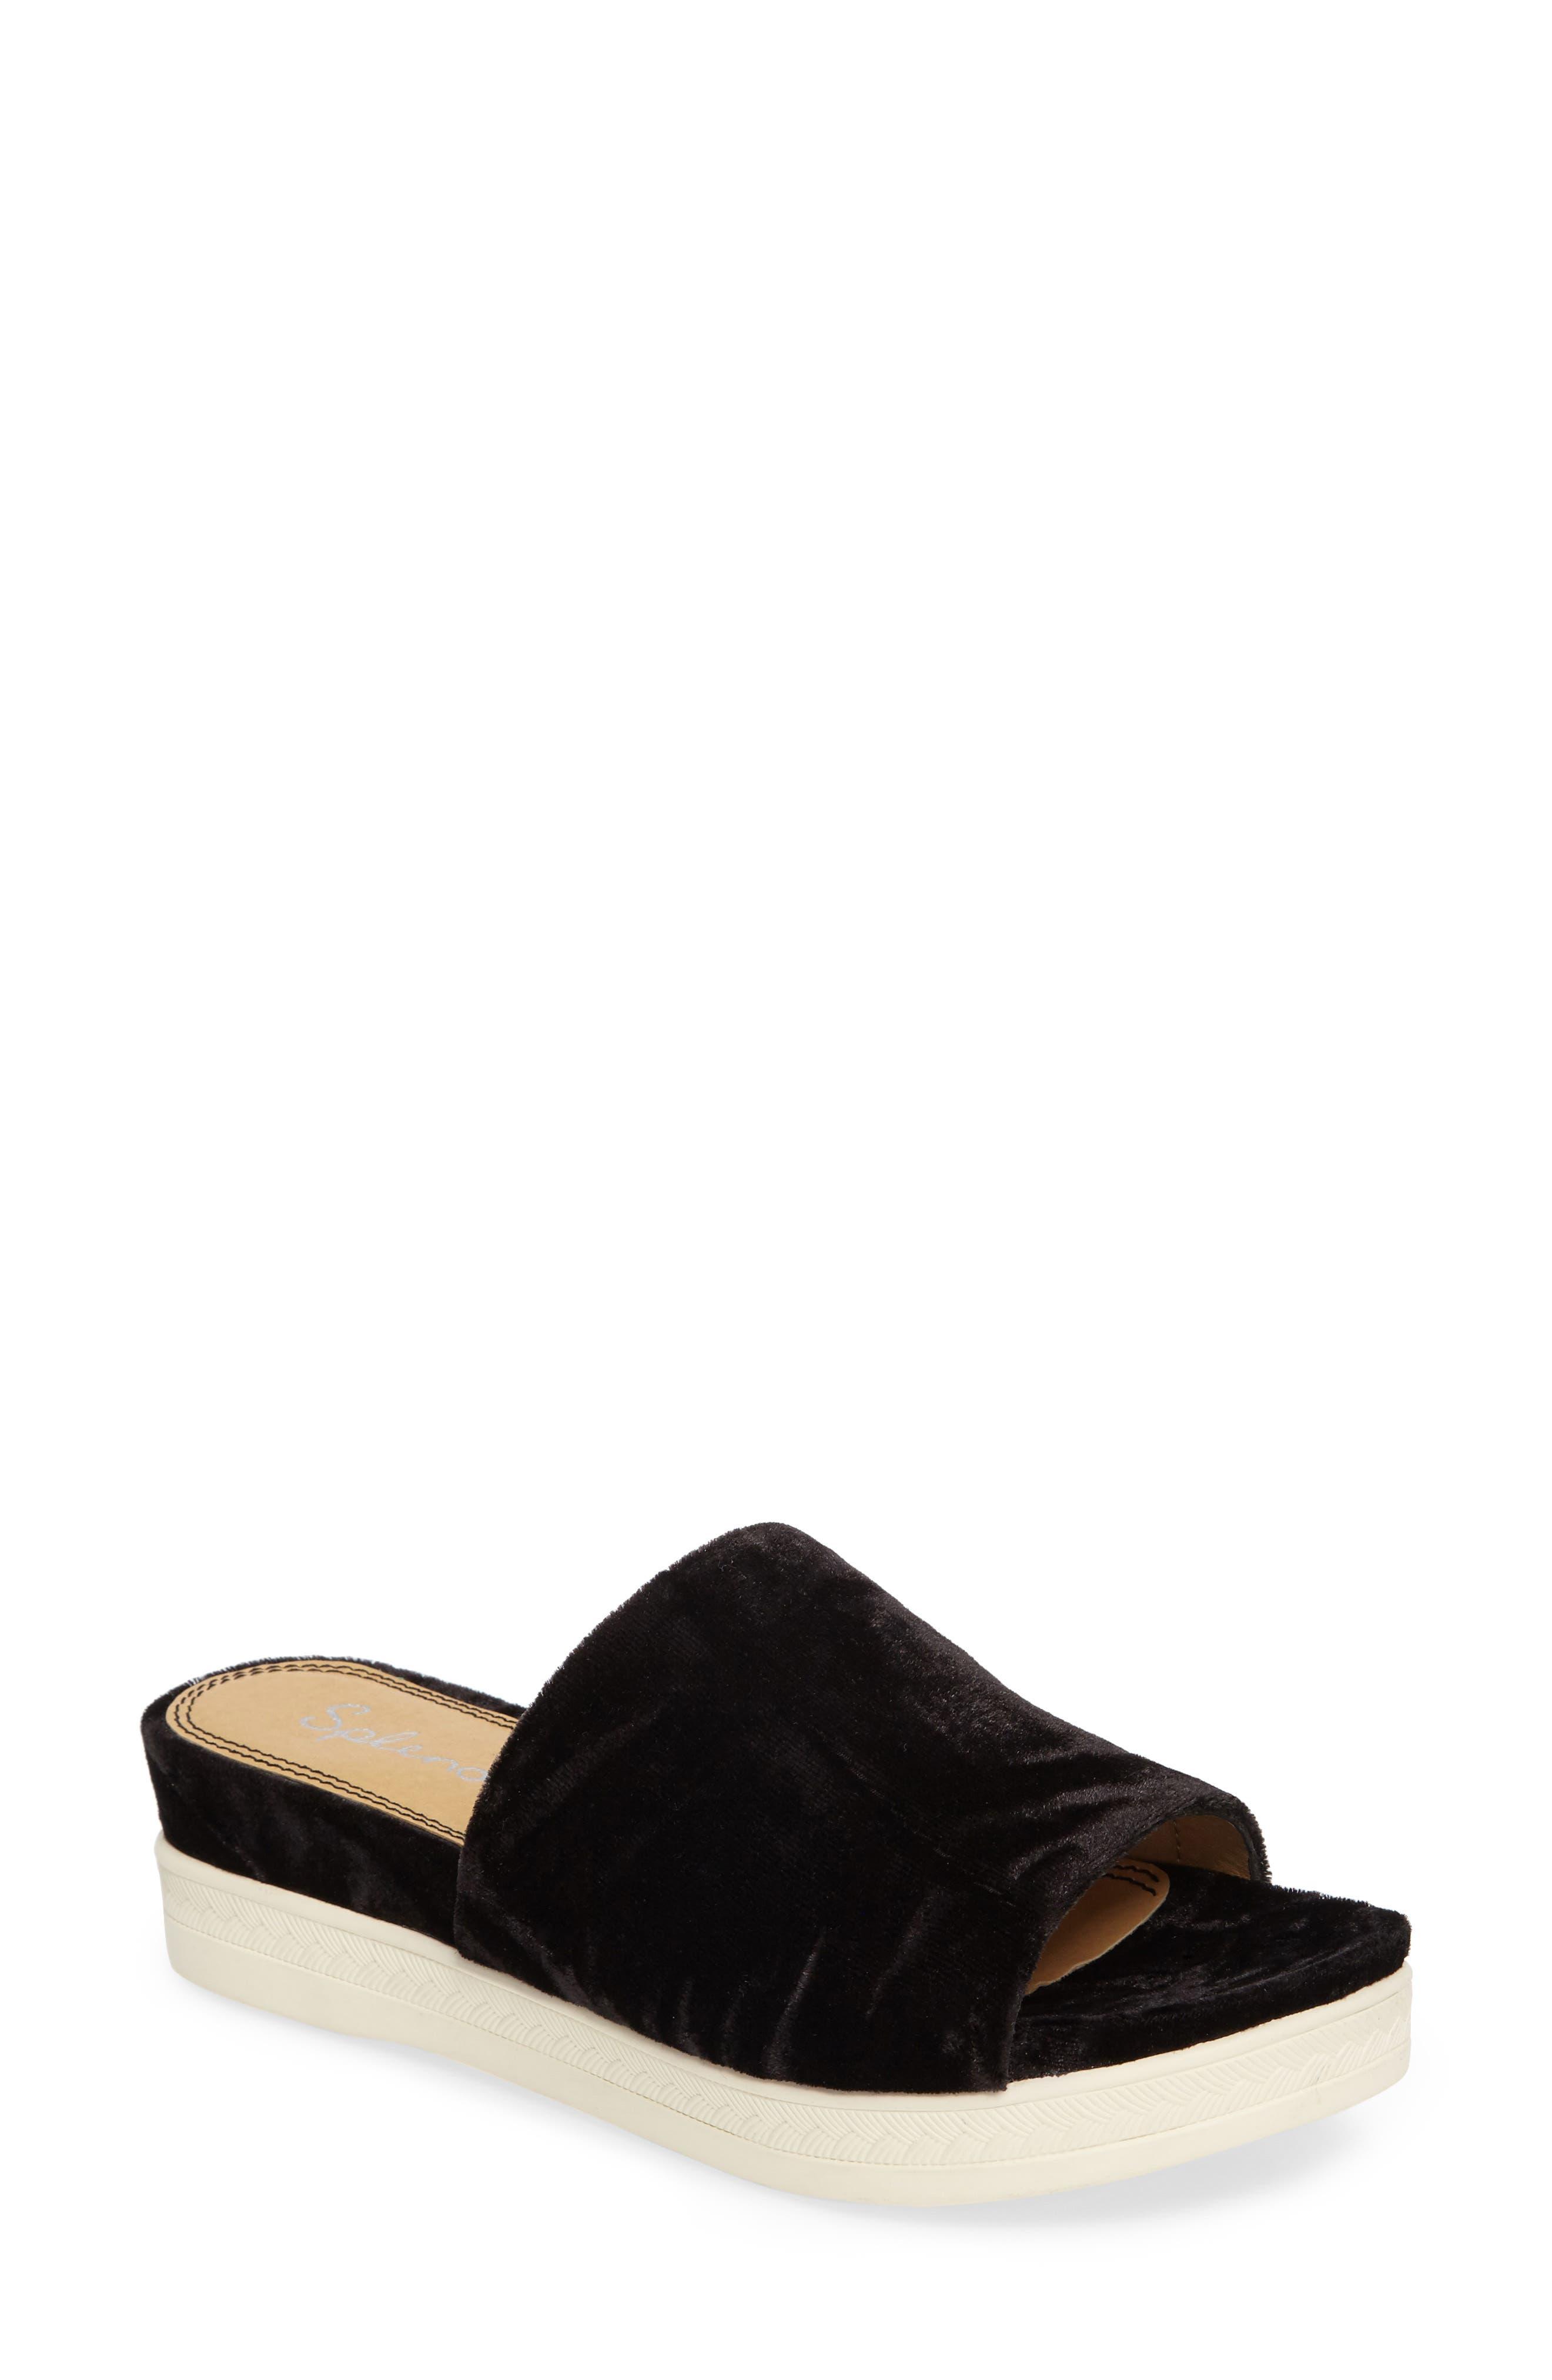 Main Image - Splendid Darla Slide Sandal (Women)